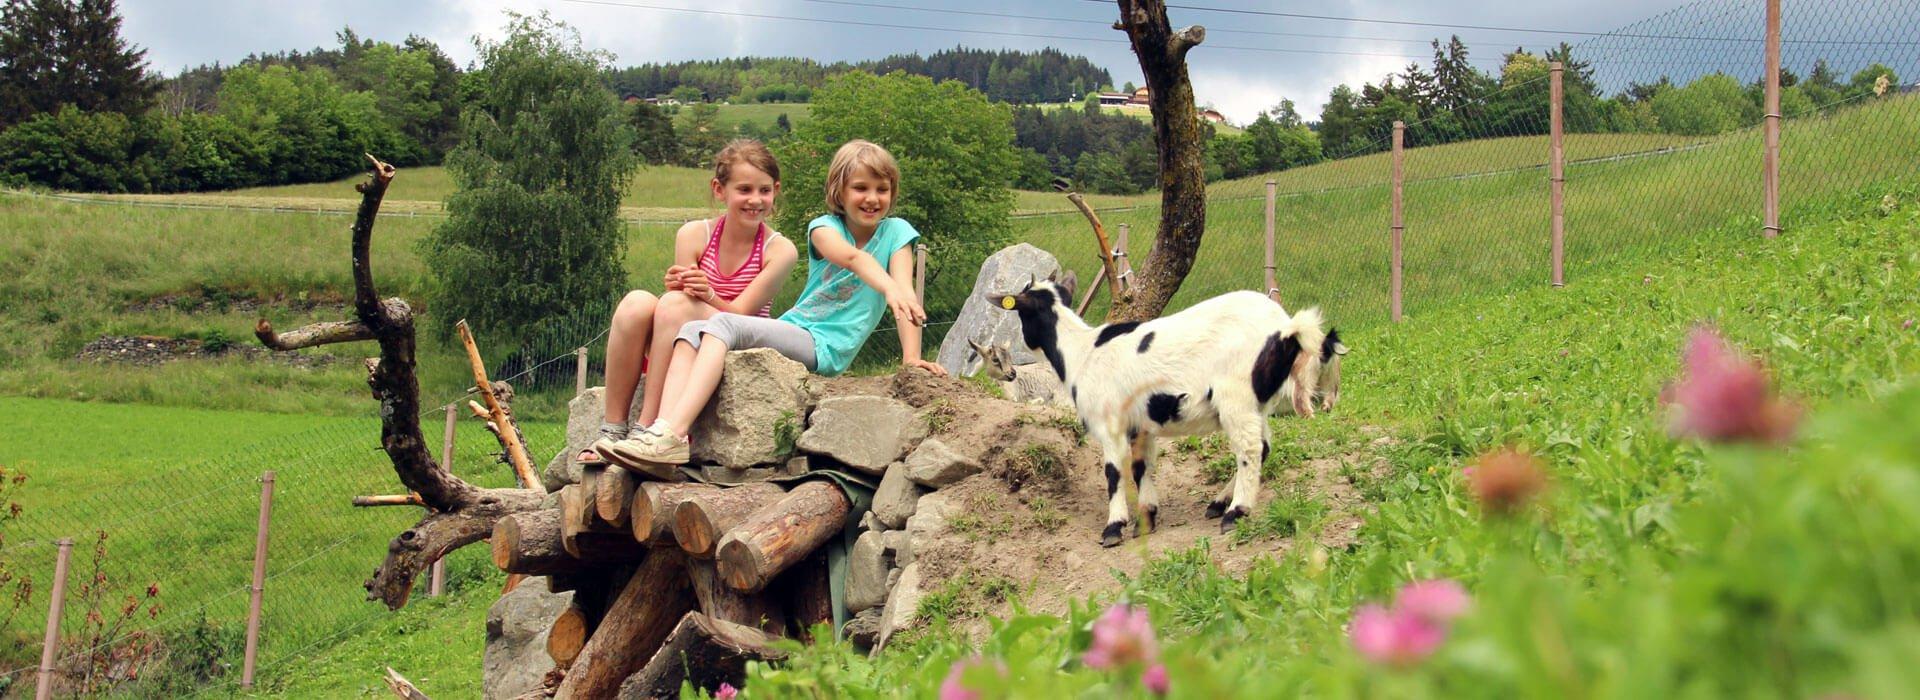 kinderbauernhof-tiere